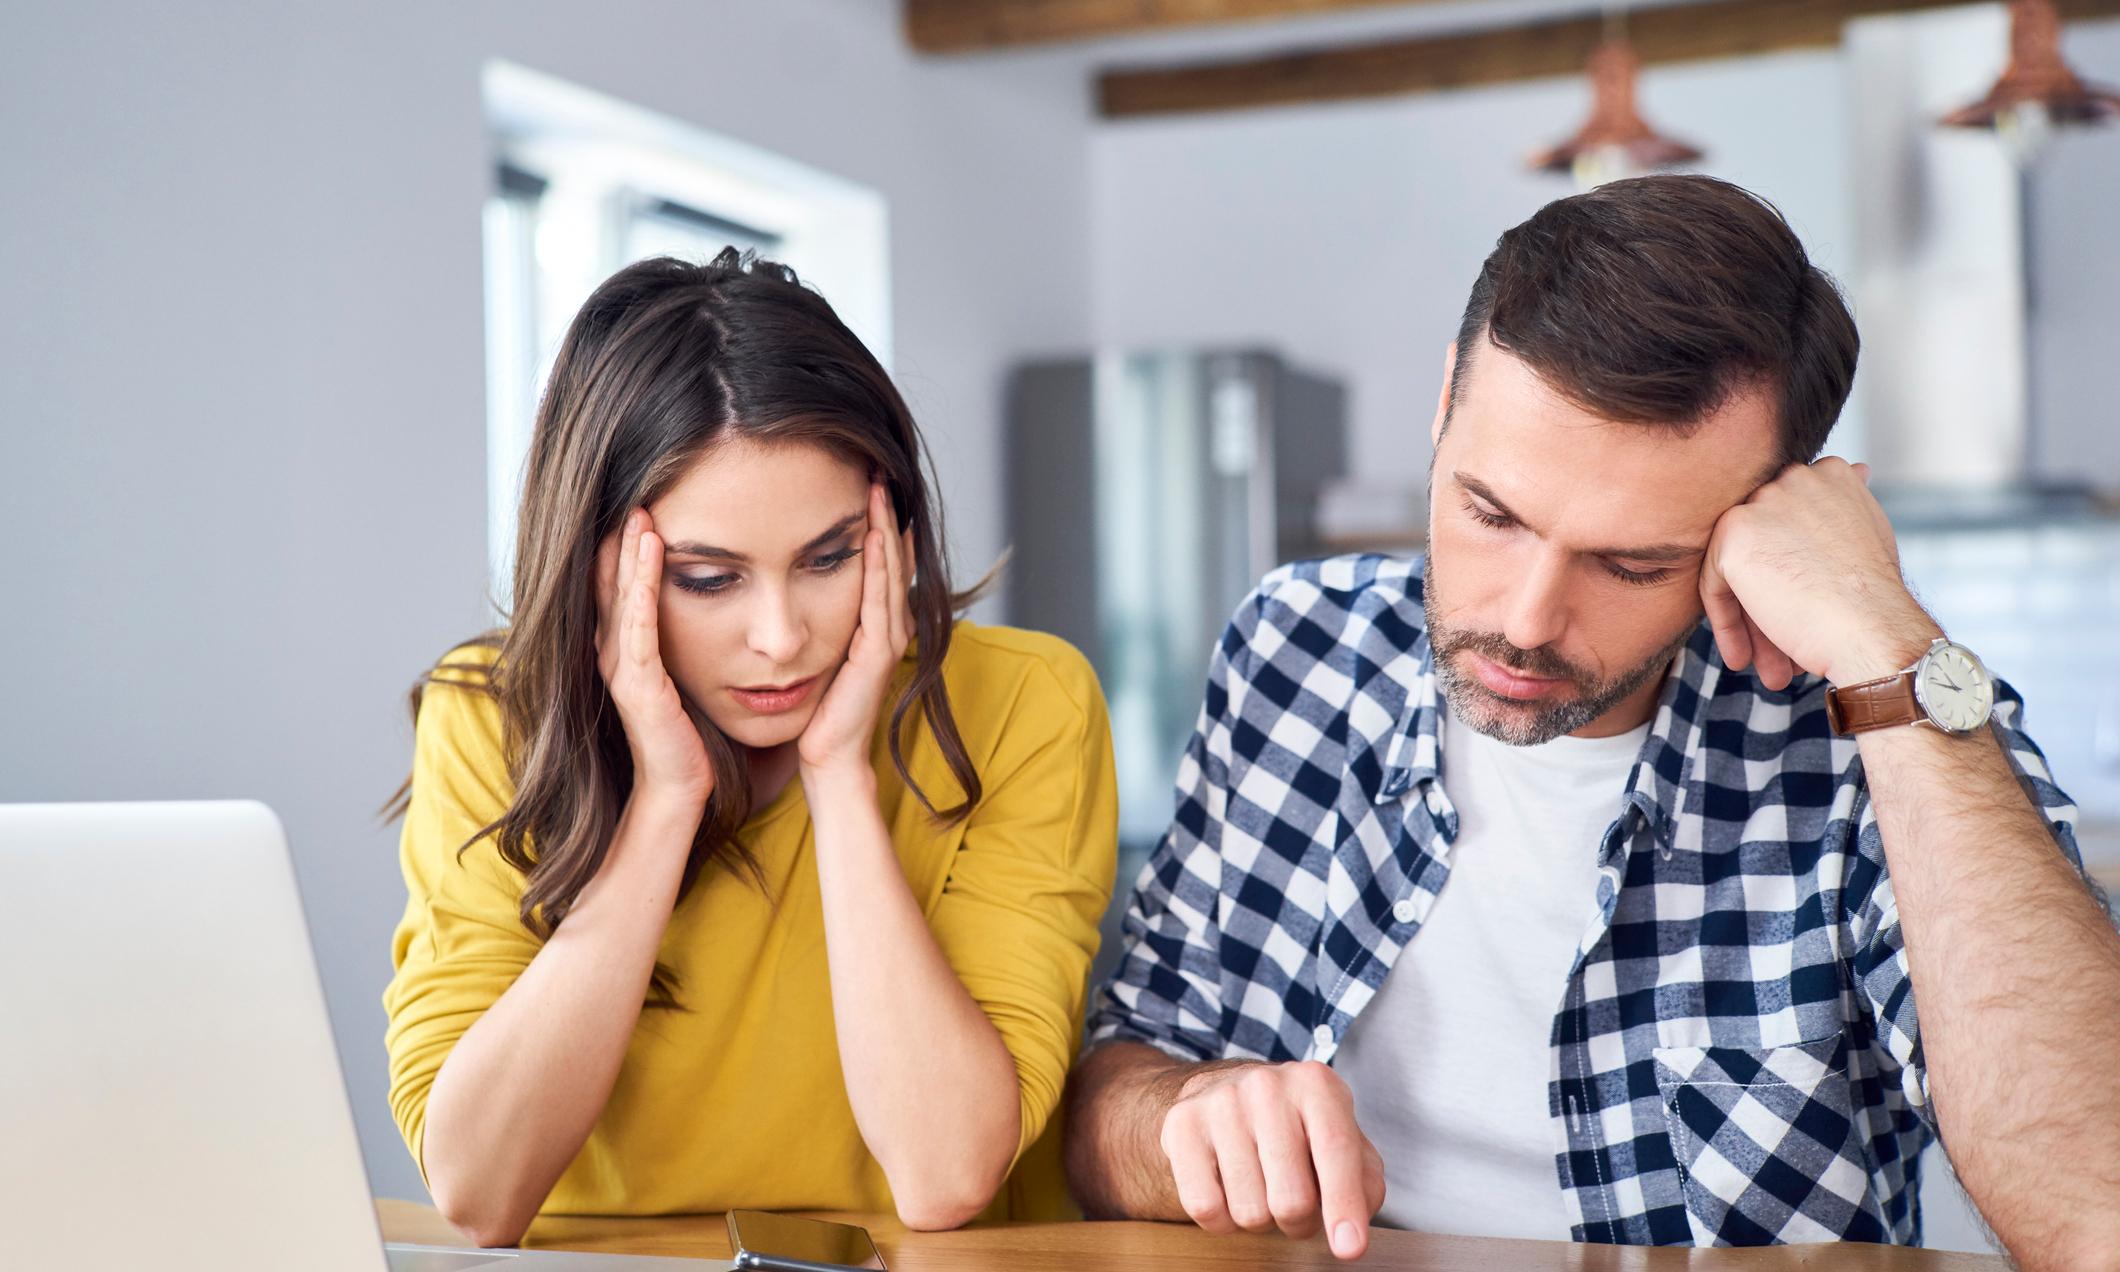 Молодая жена так любит меня - согласилась на секс за мои долги